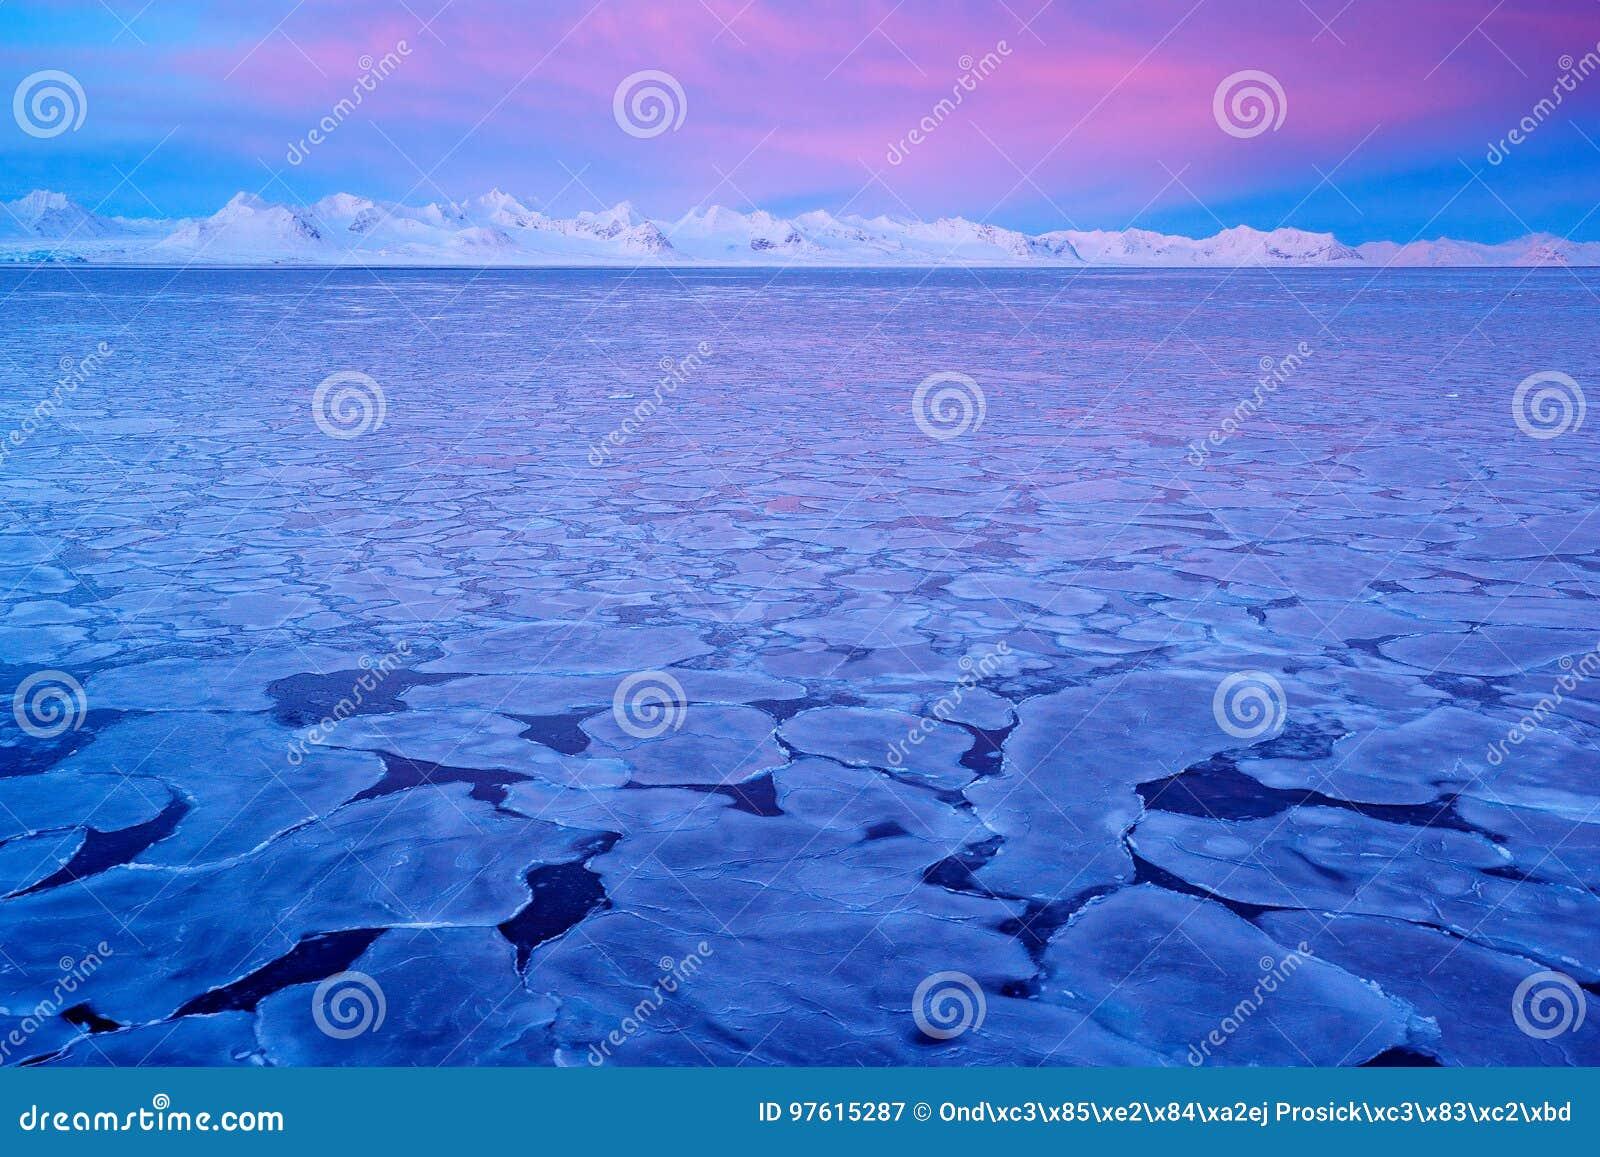 Land van ijs Het de winternoordpoolgebied Witte sneeuwberg, blauwe gletsjer Svalbard, Noorwegen Ijs in oceaan Ijsbergschemering i